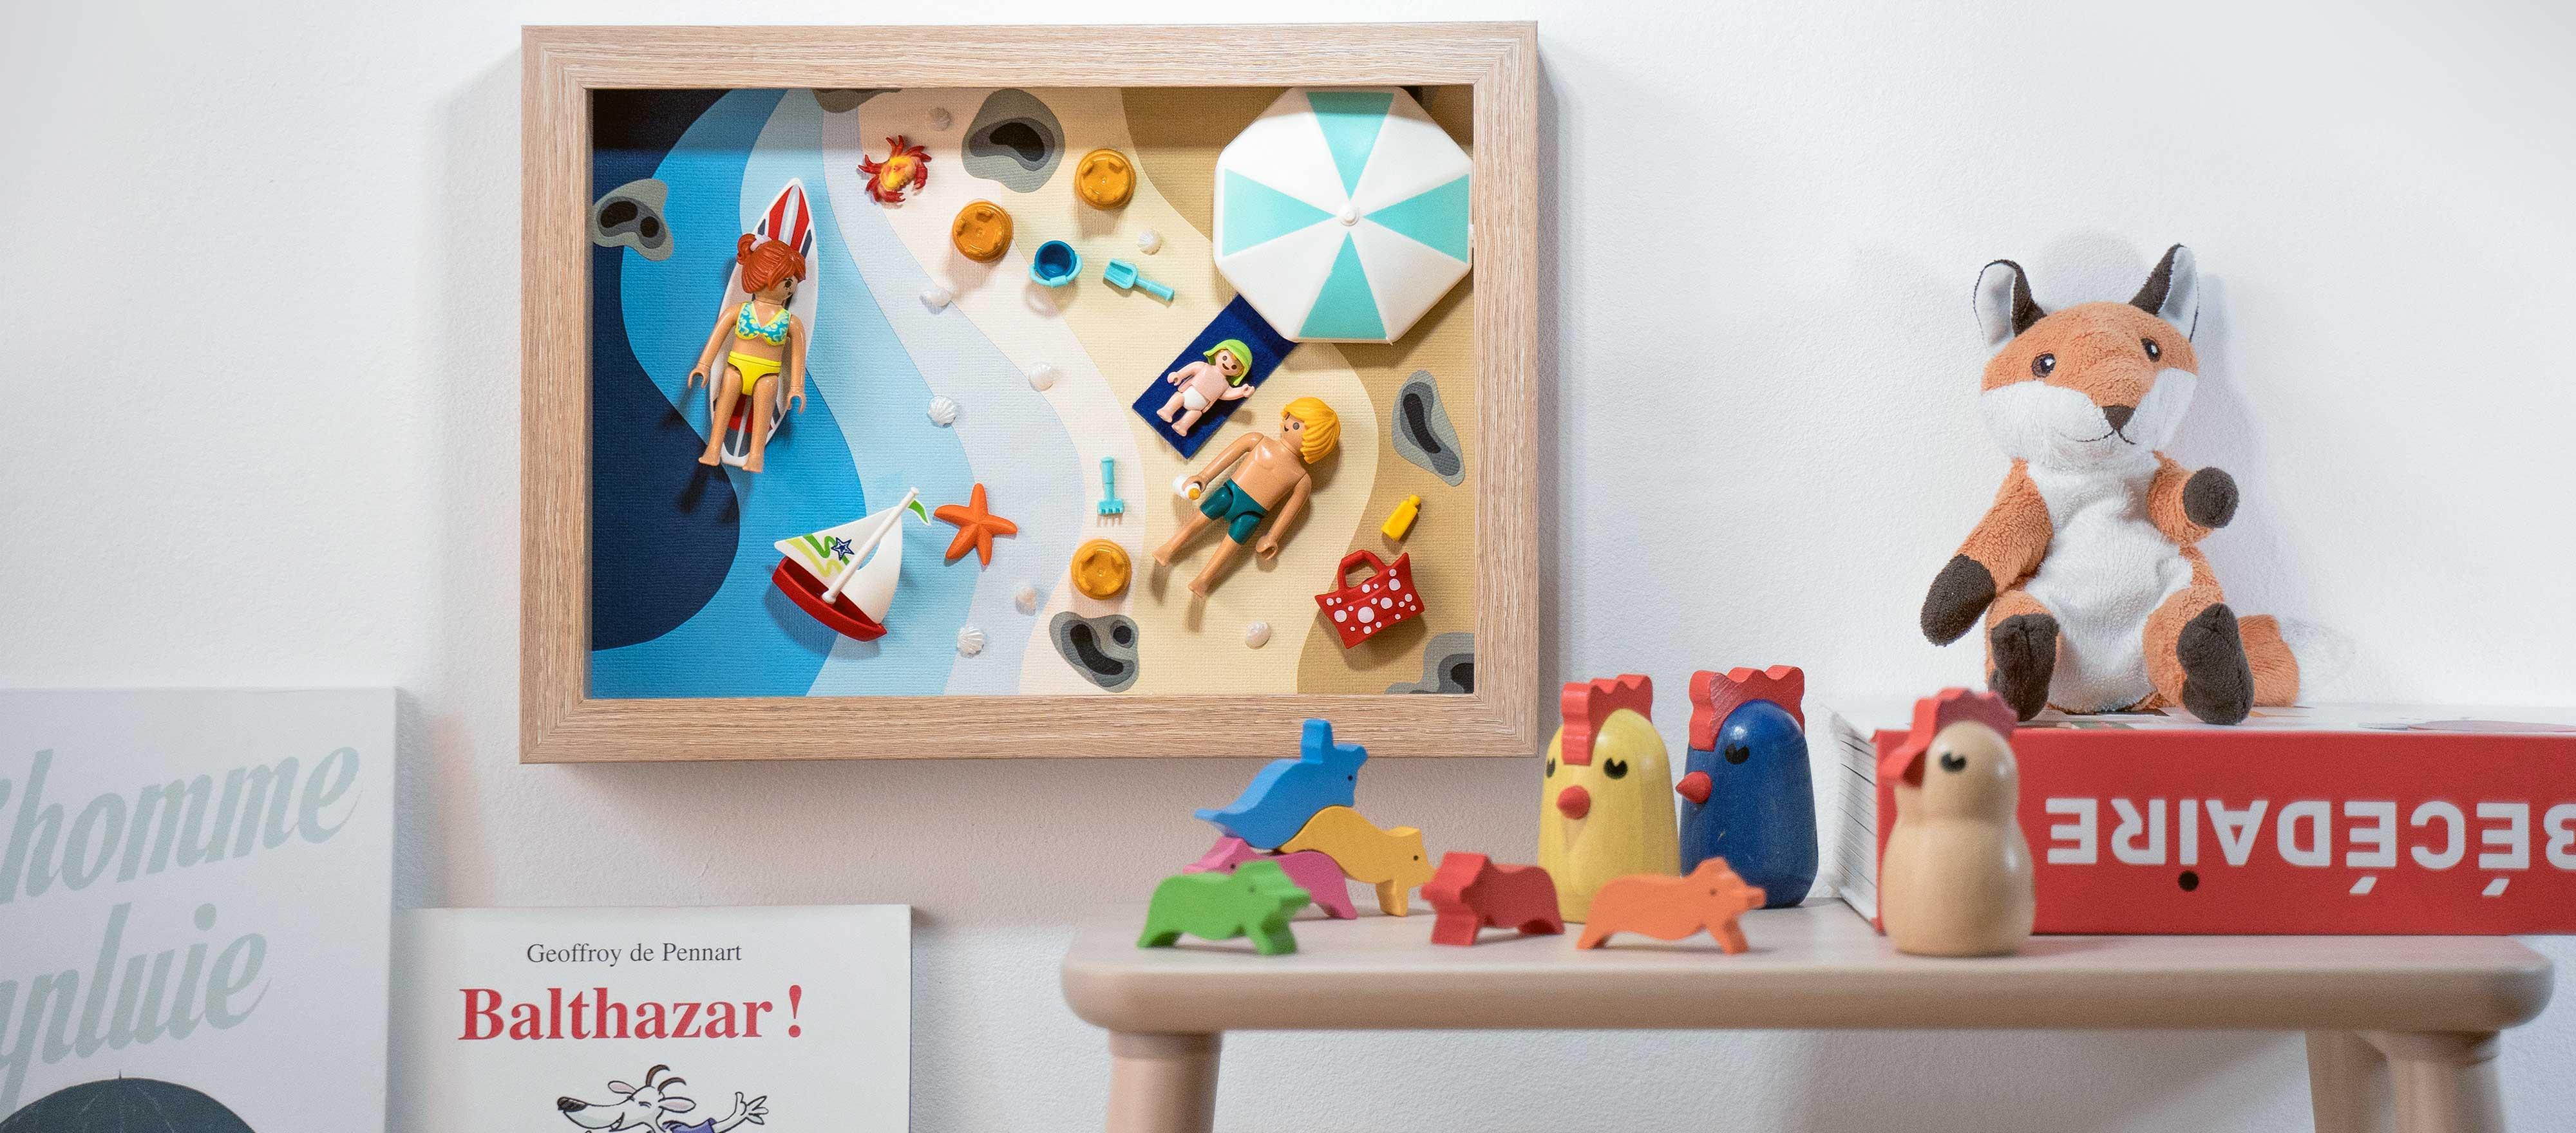 tuto creez votre propre cadre playmobil pour une chambre d enfant